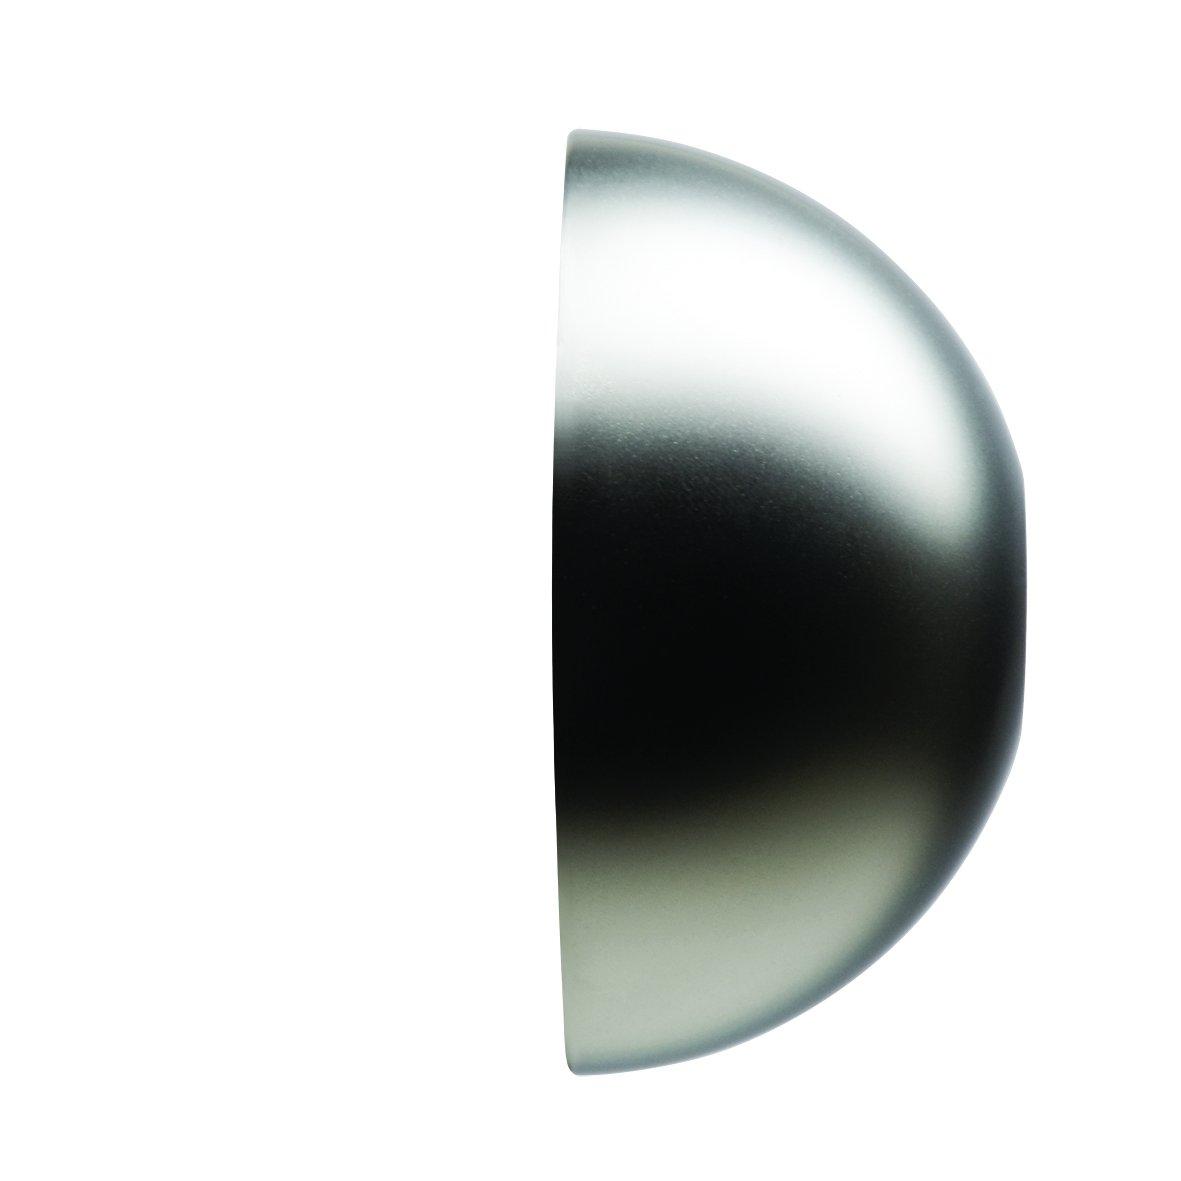 Laderaumsicherung UFO 8080331215d Nickel matt Sicherheitsschloss f/ür den Laderaum von Lieferwagen